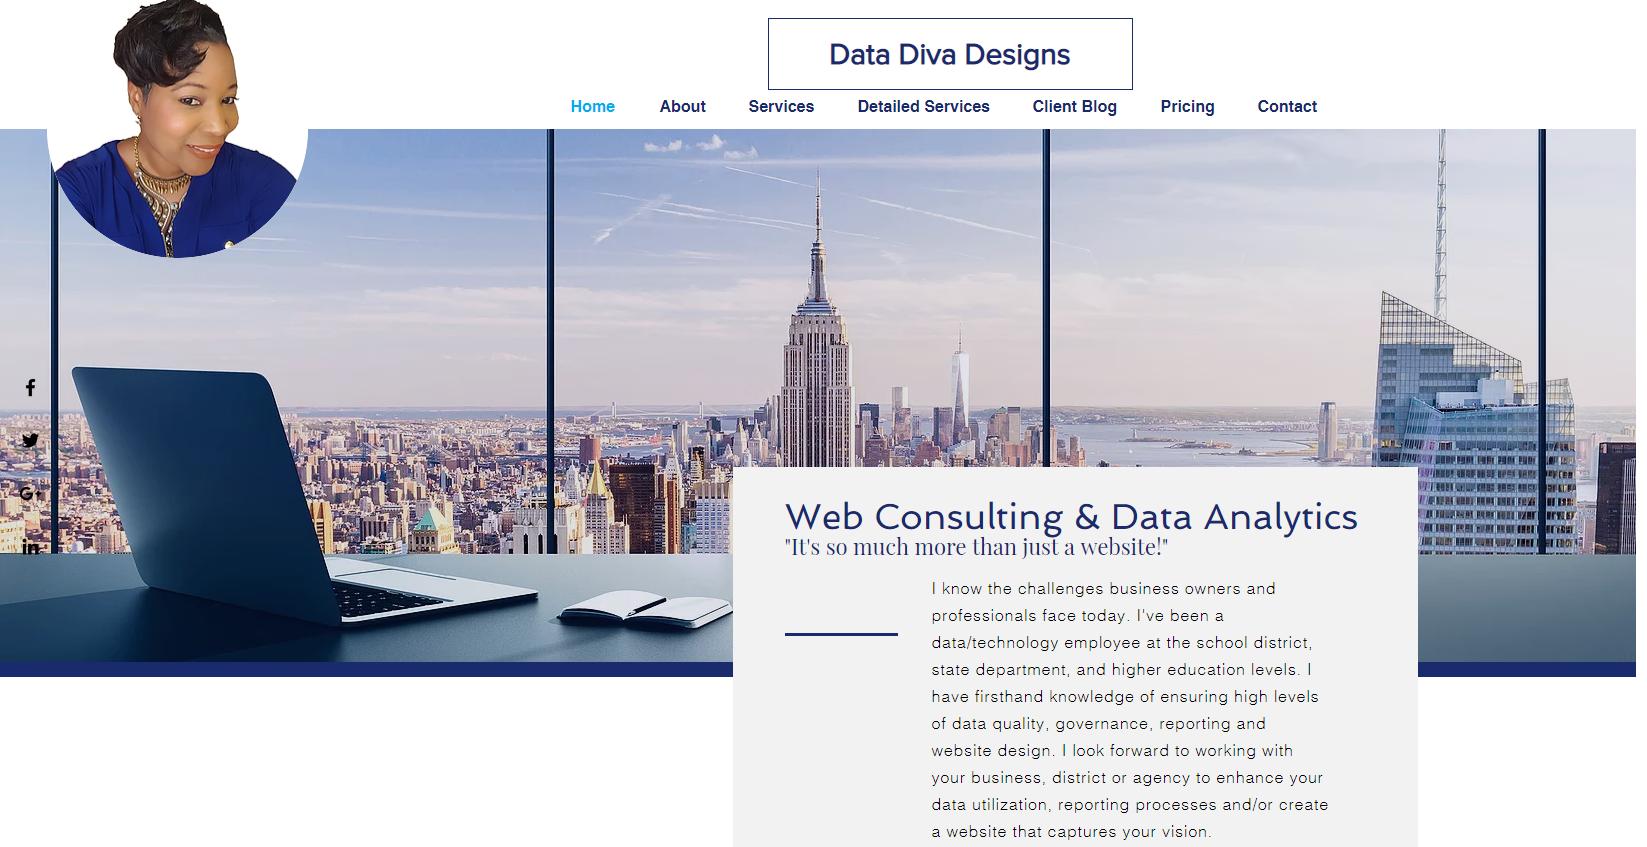 Data Diva Designs